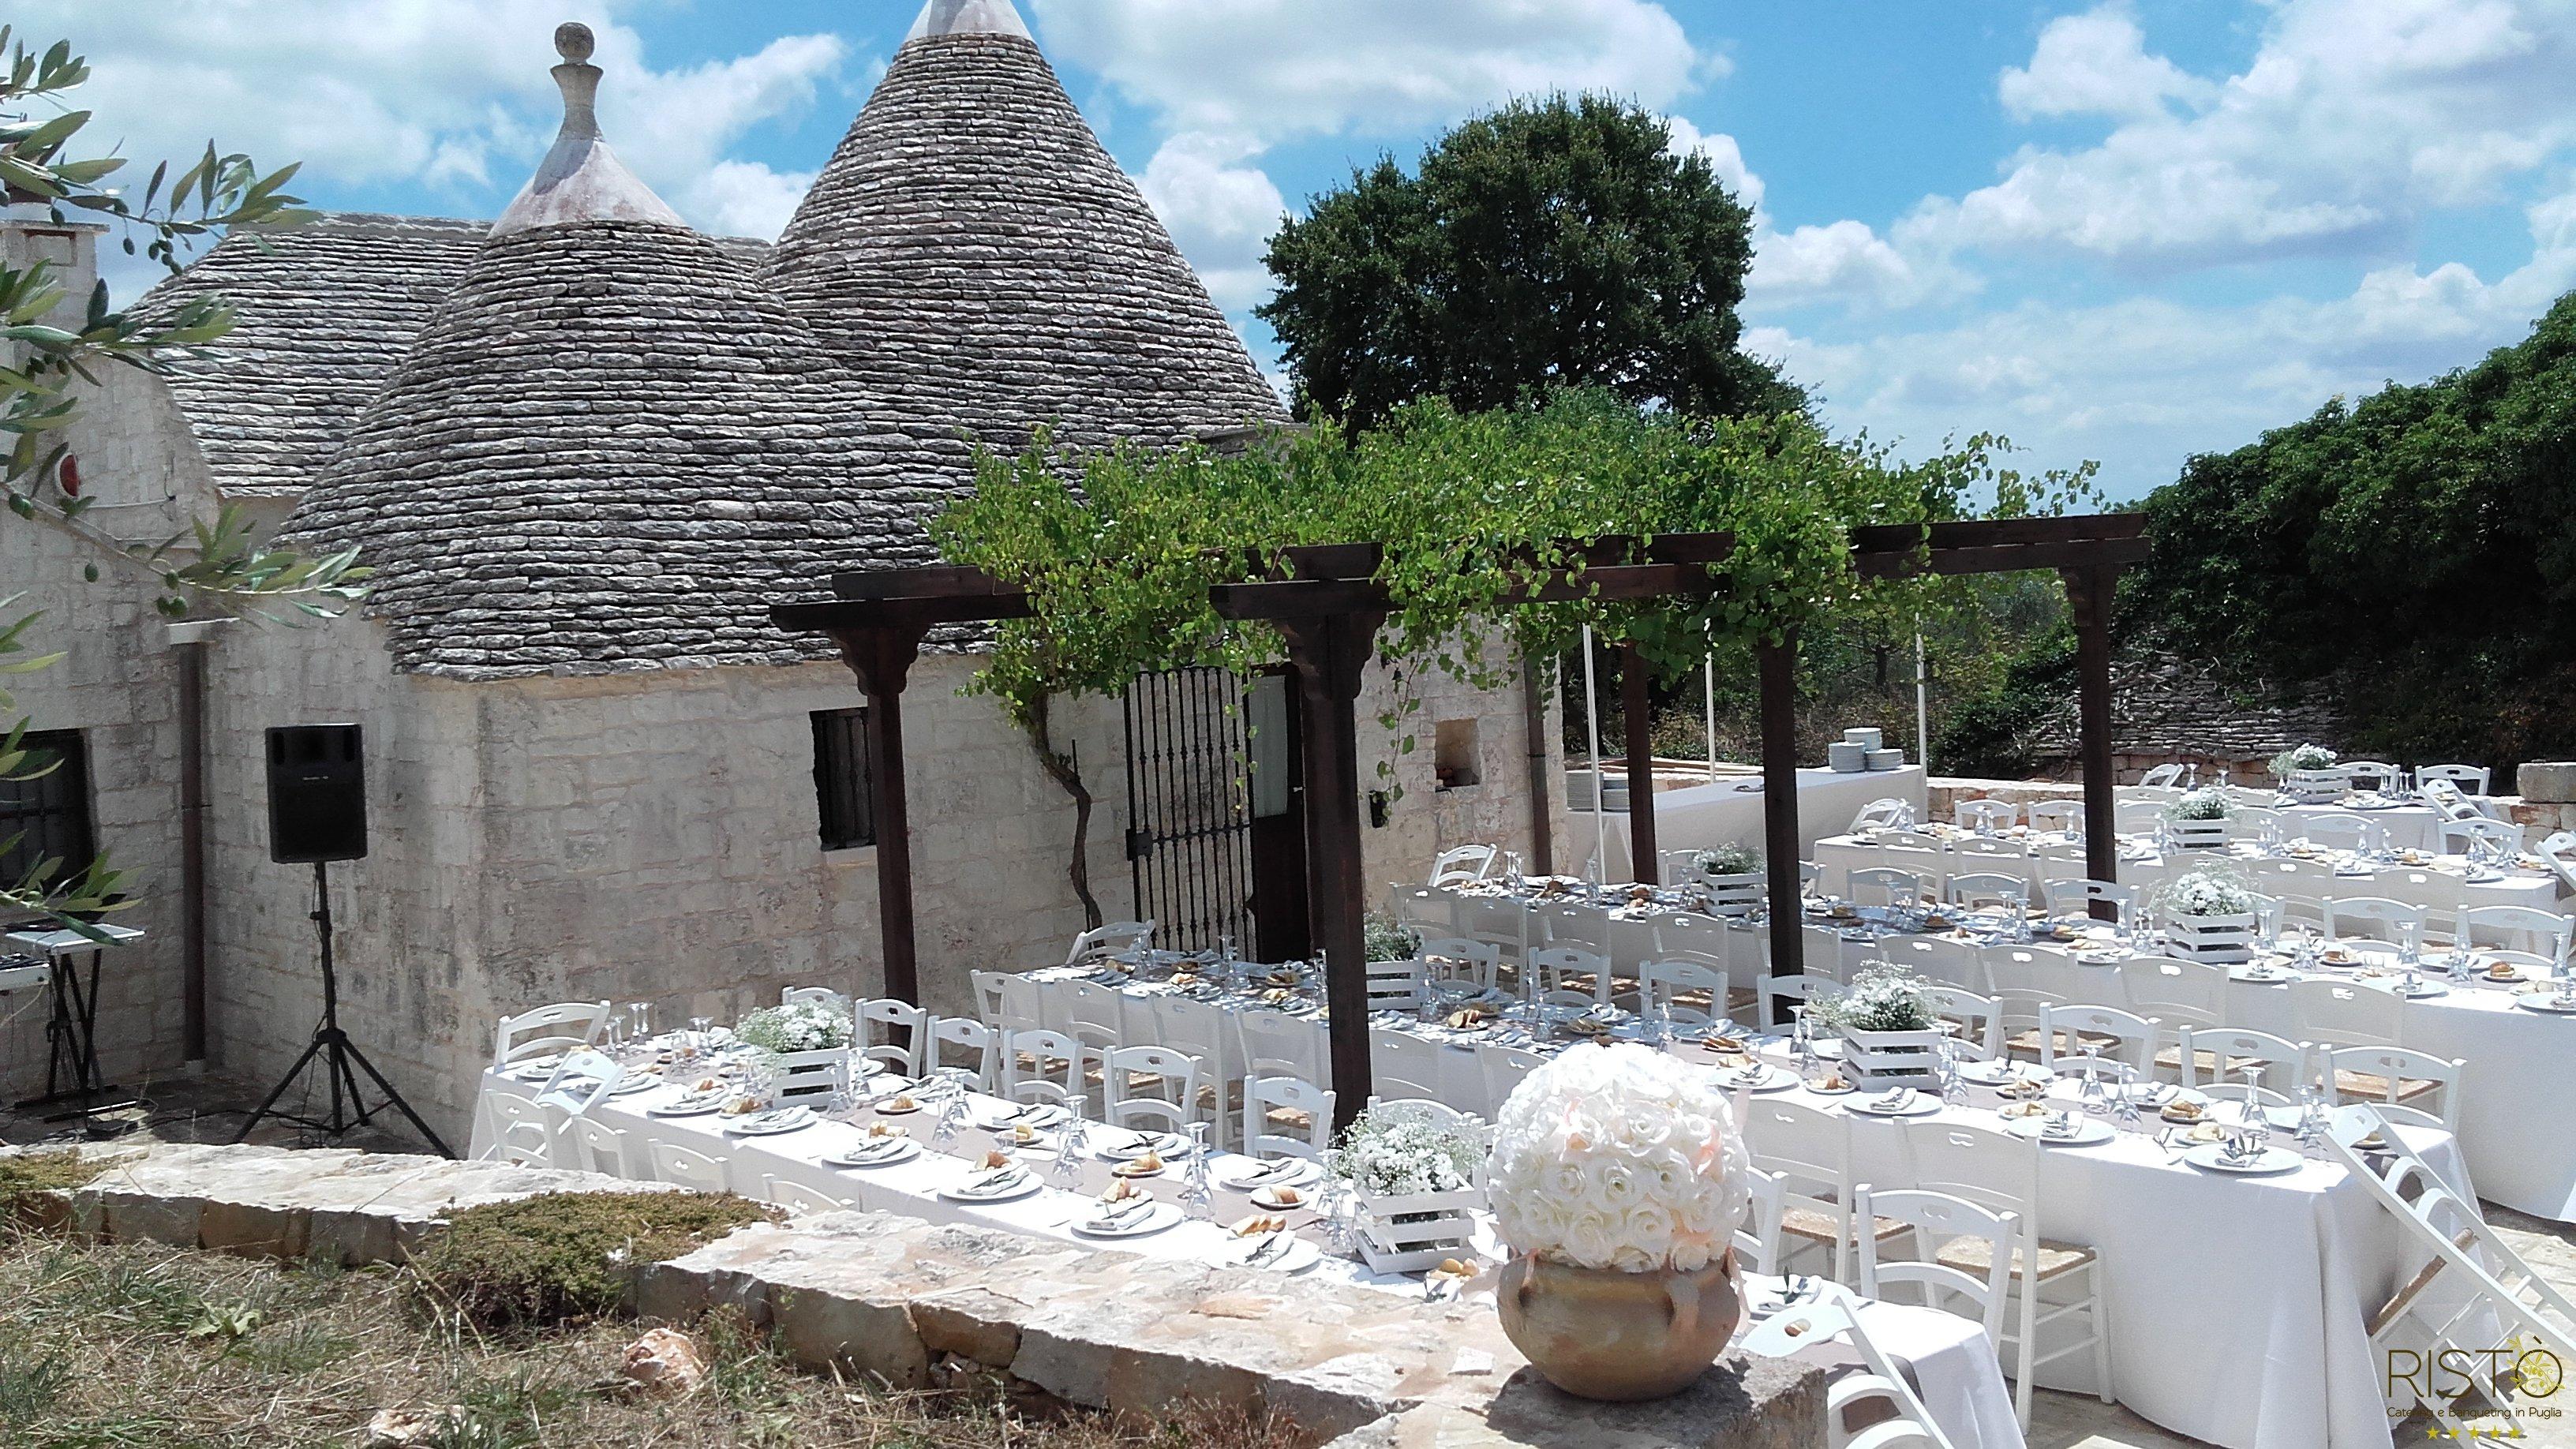 Matrimonio Rustico Puglia : Matrimonio in campagna puglia location di